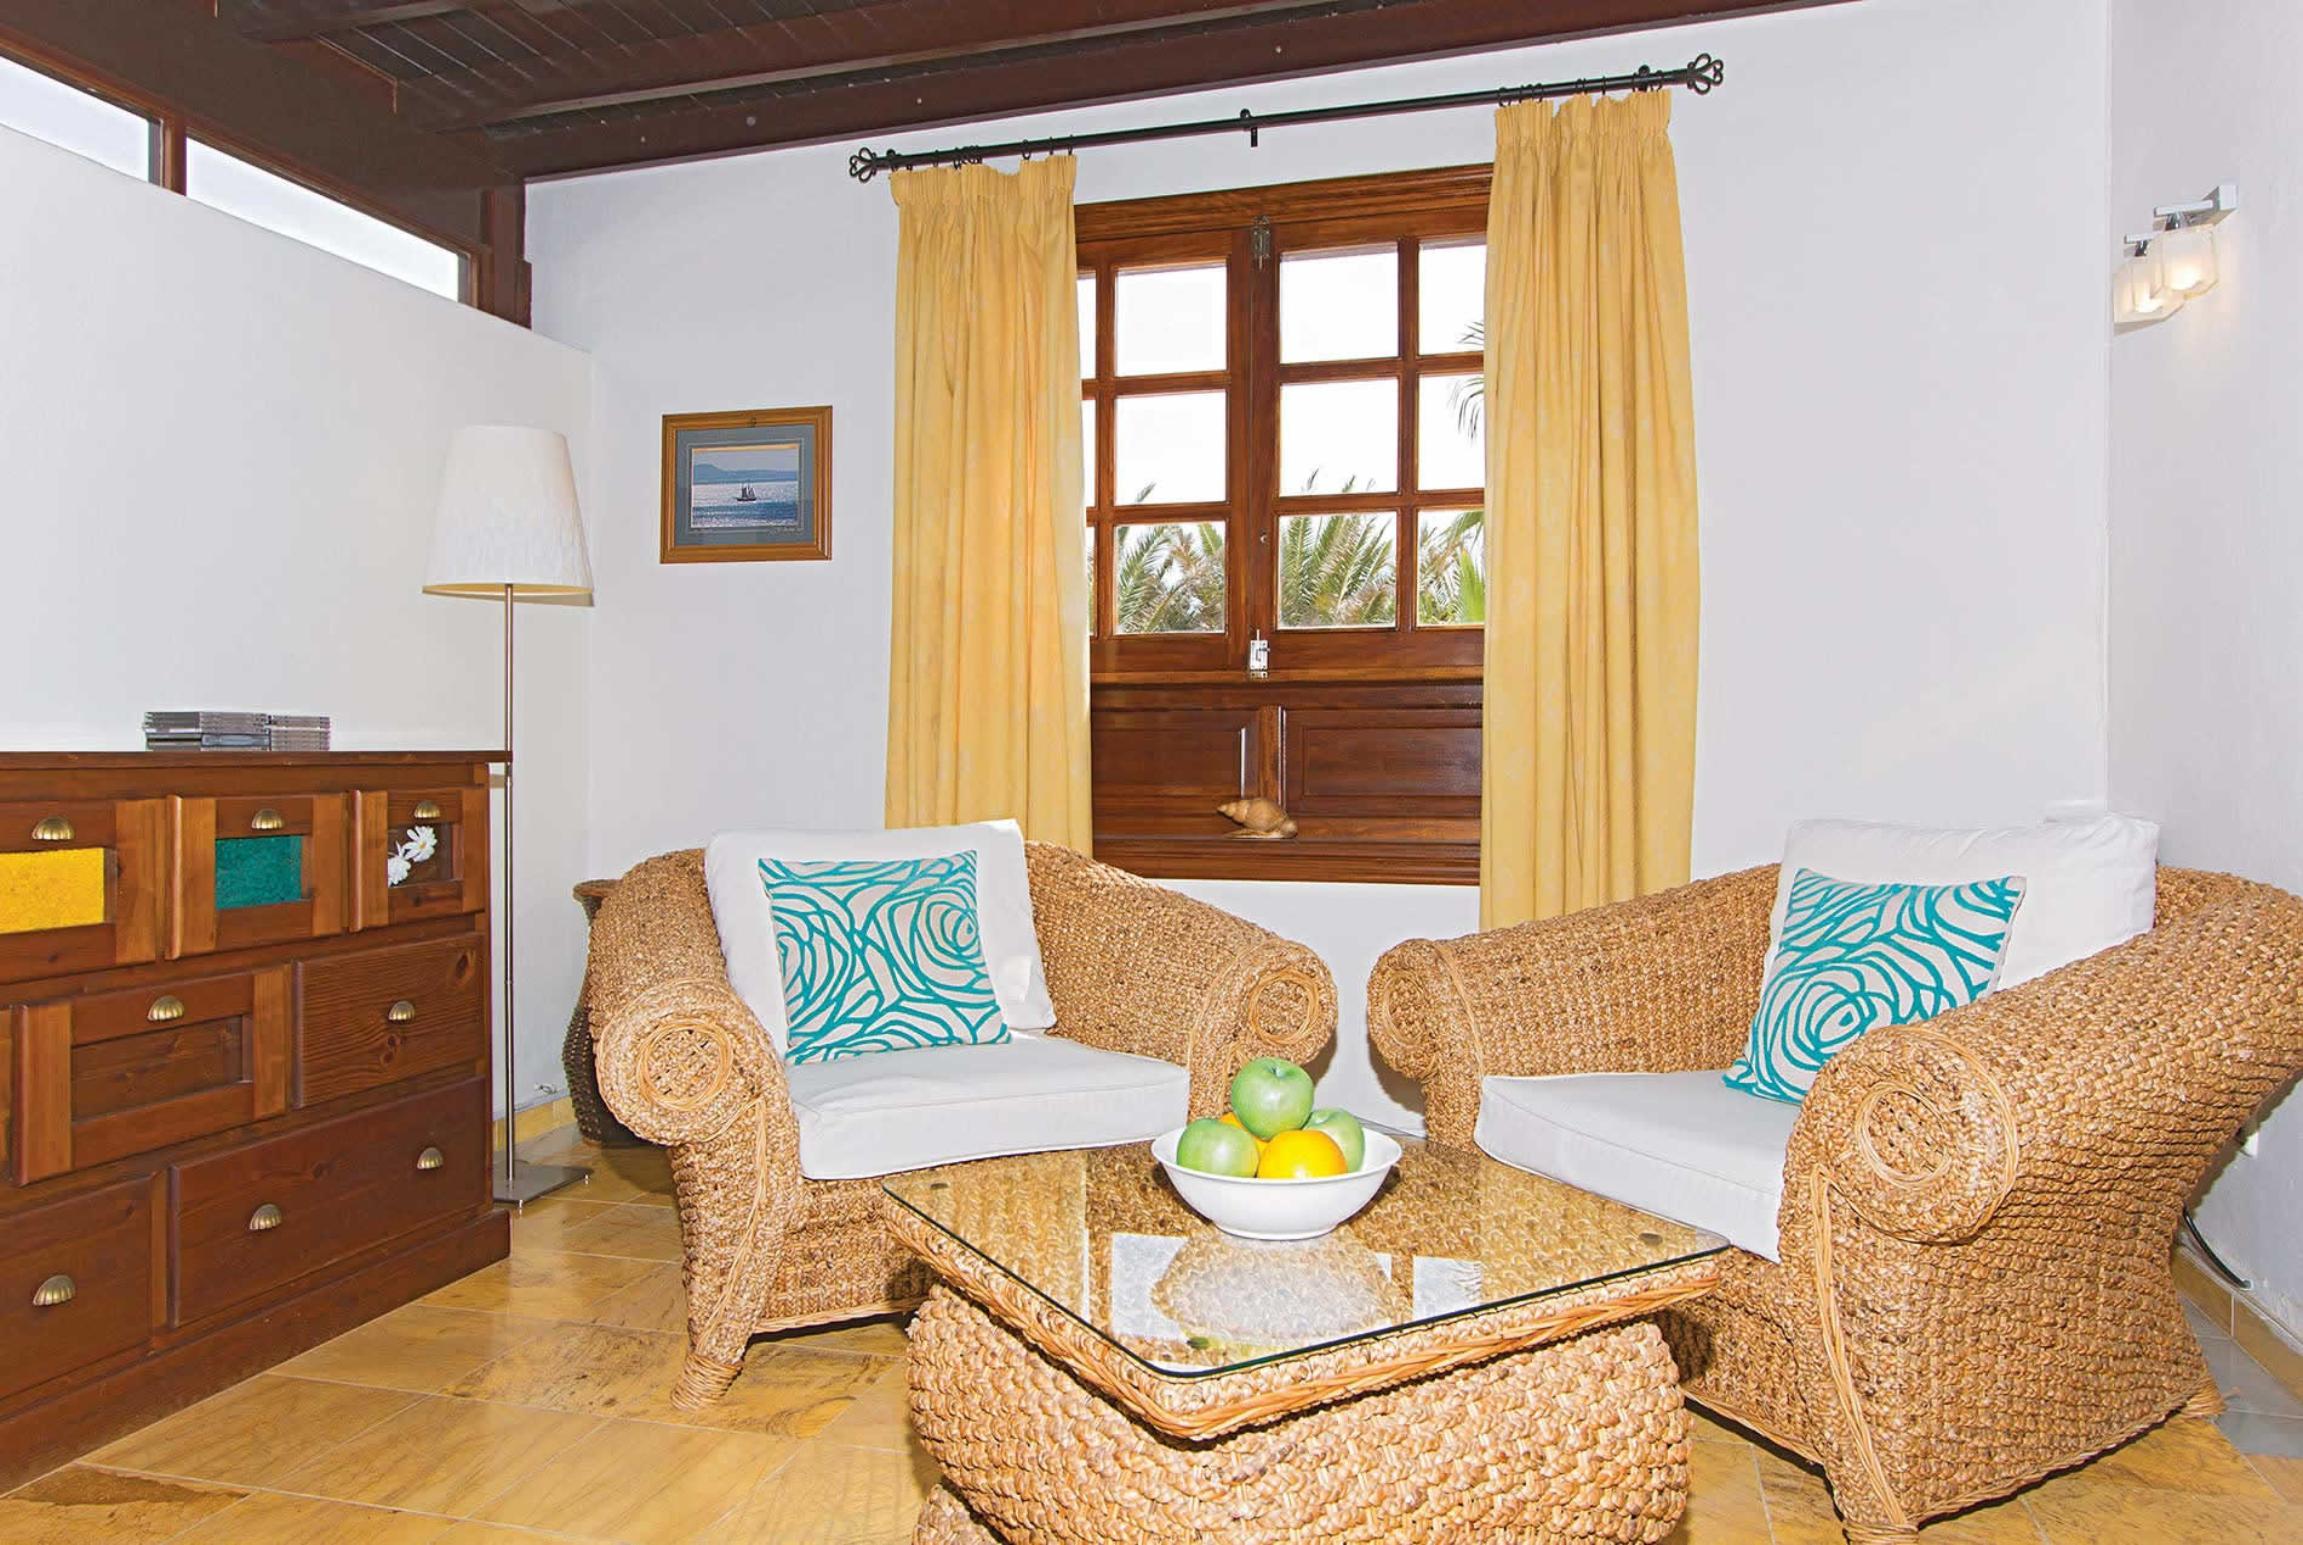 Ferienhaus Casa del Loro (2654419), Playa Blanca, Lanzarote, Kanarische Inseln, Spanien, Bild 11